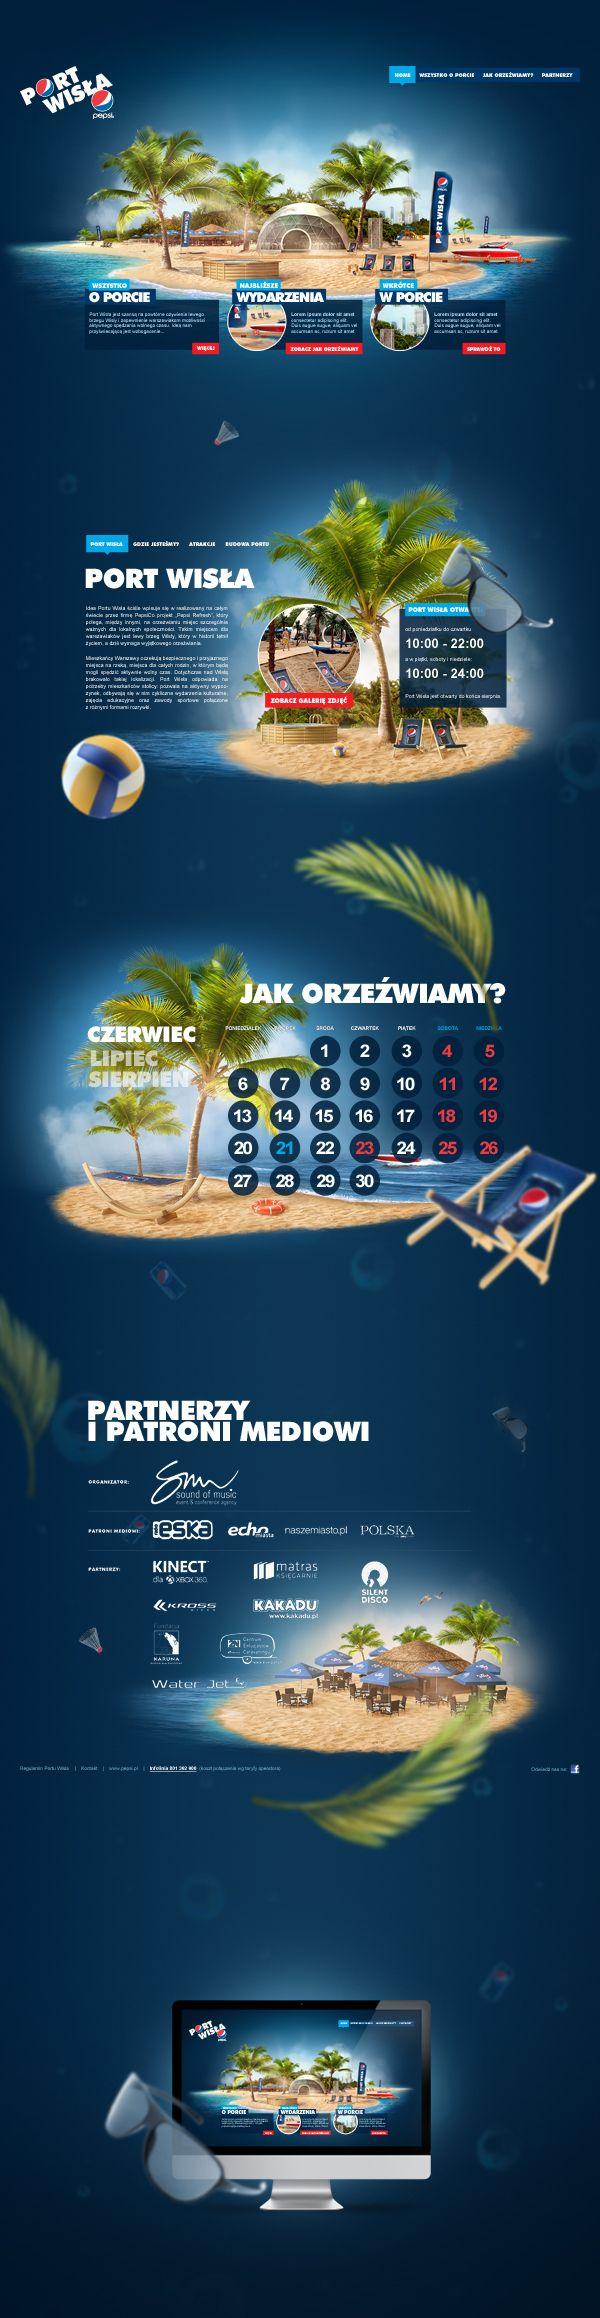 Pepsi | Port Wisła by Fuse Collective & Maciej Mizer & Piotr Em